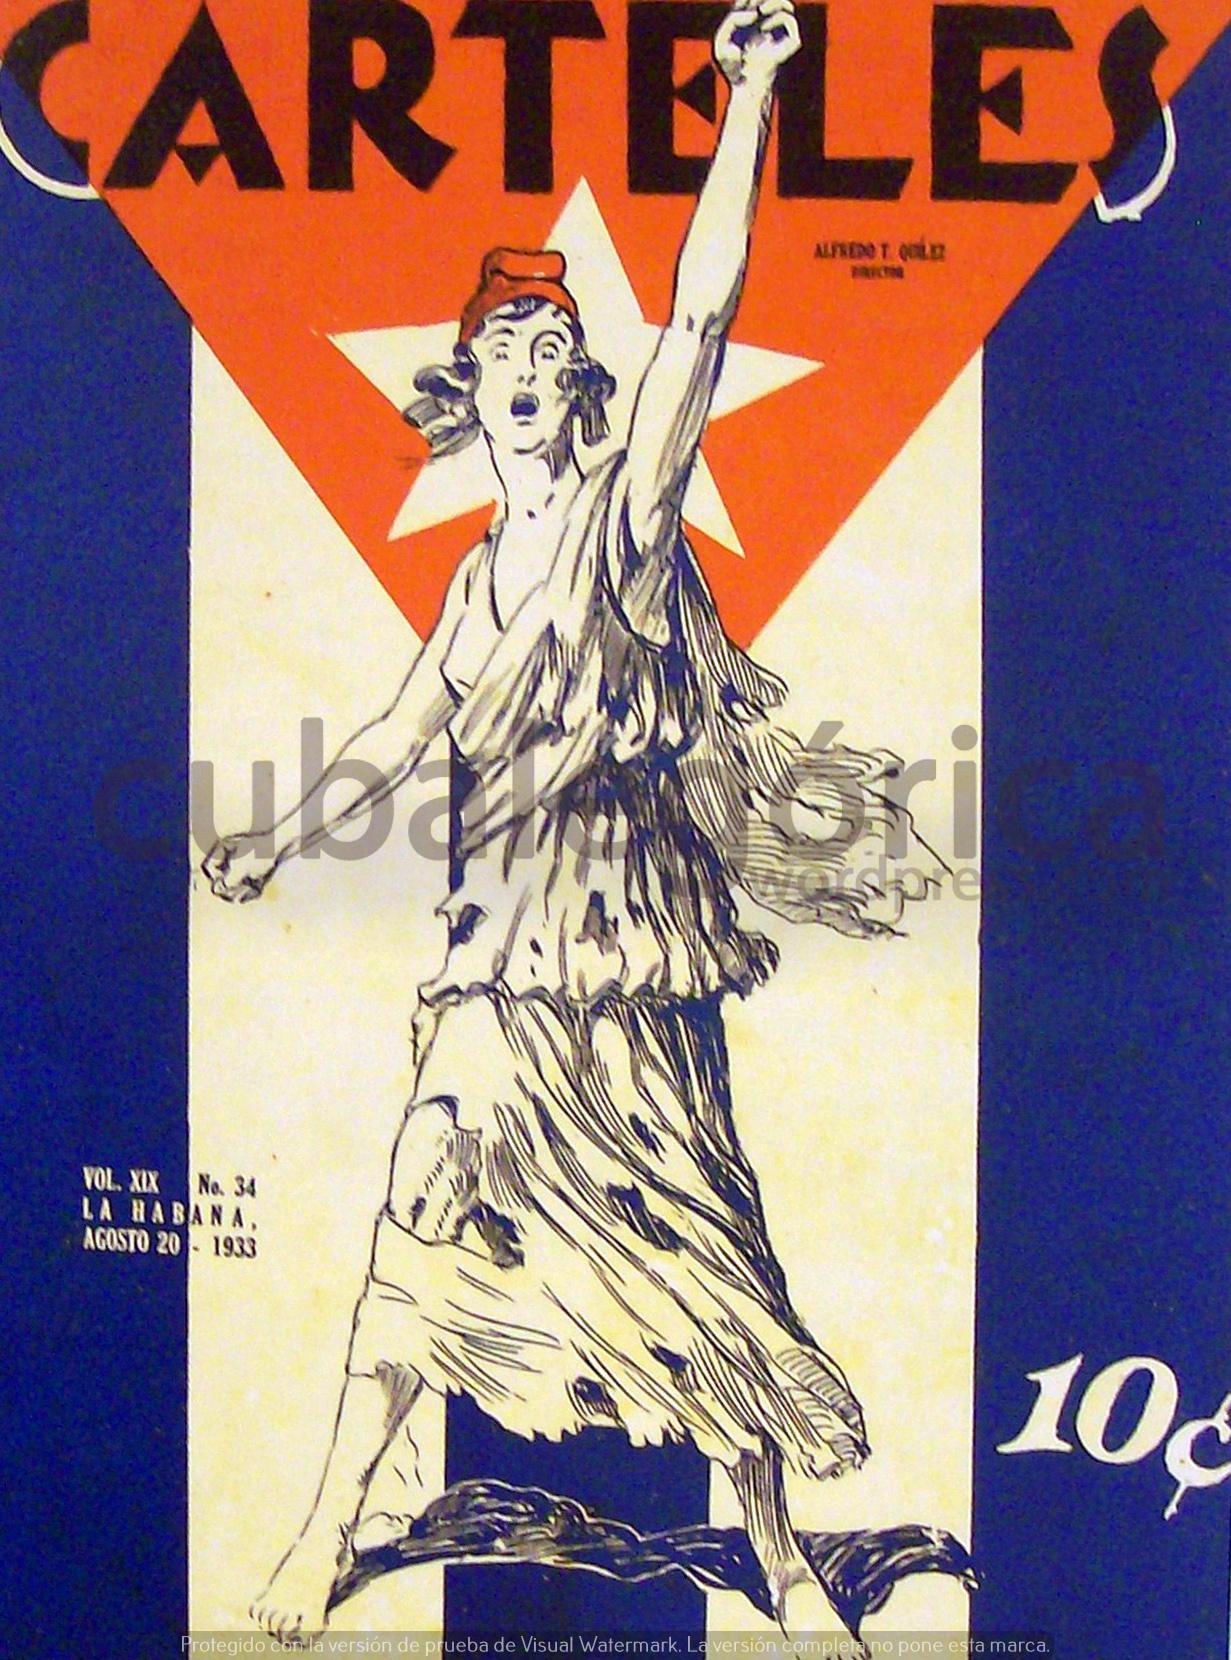 Carteles en agosto de 1933